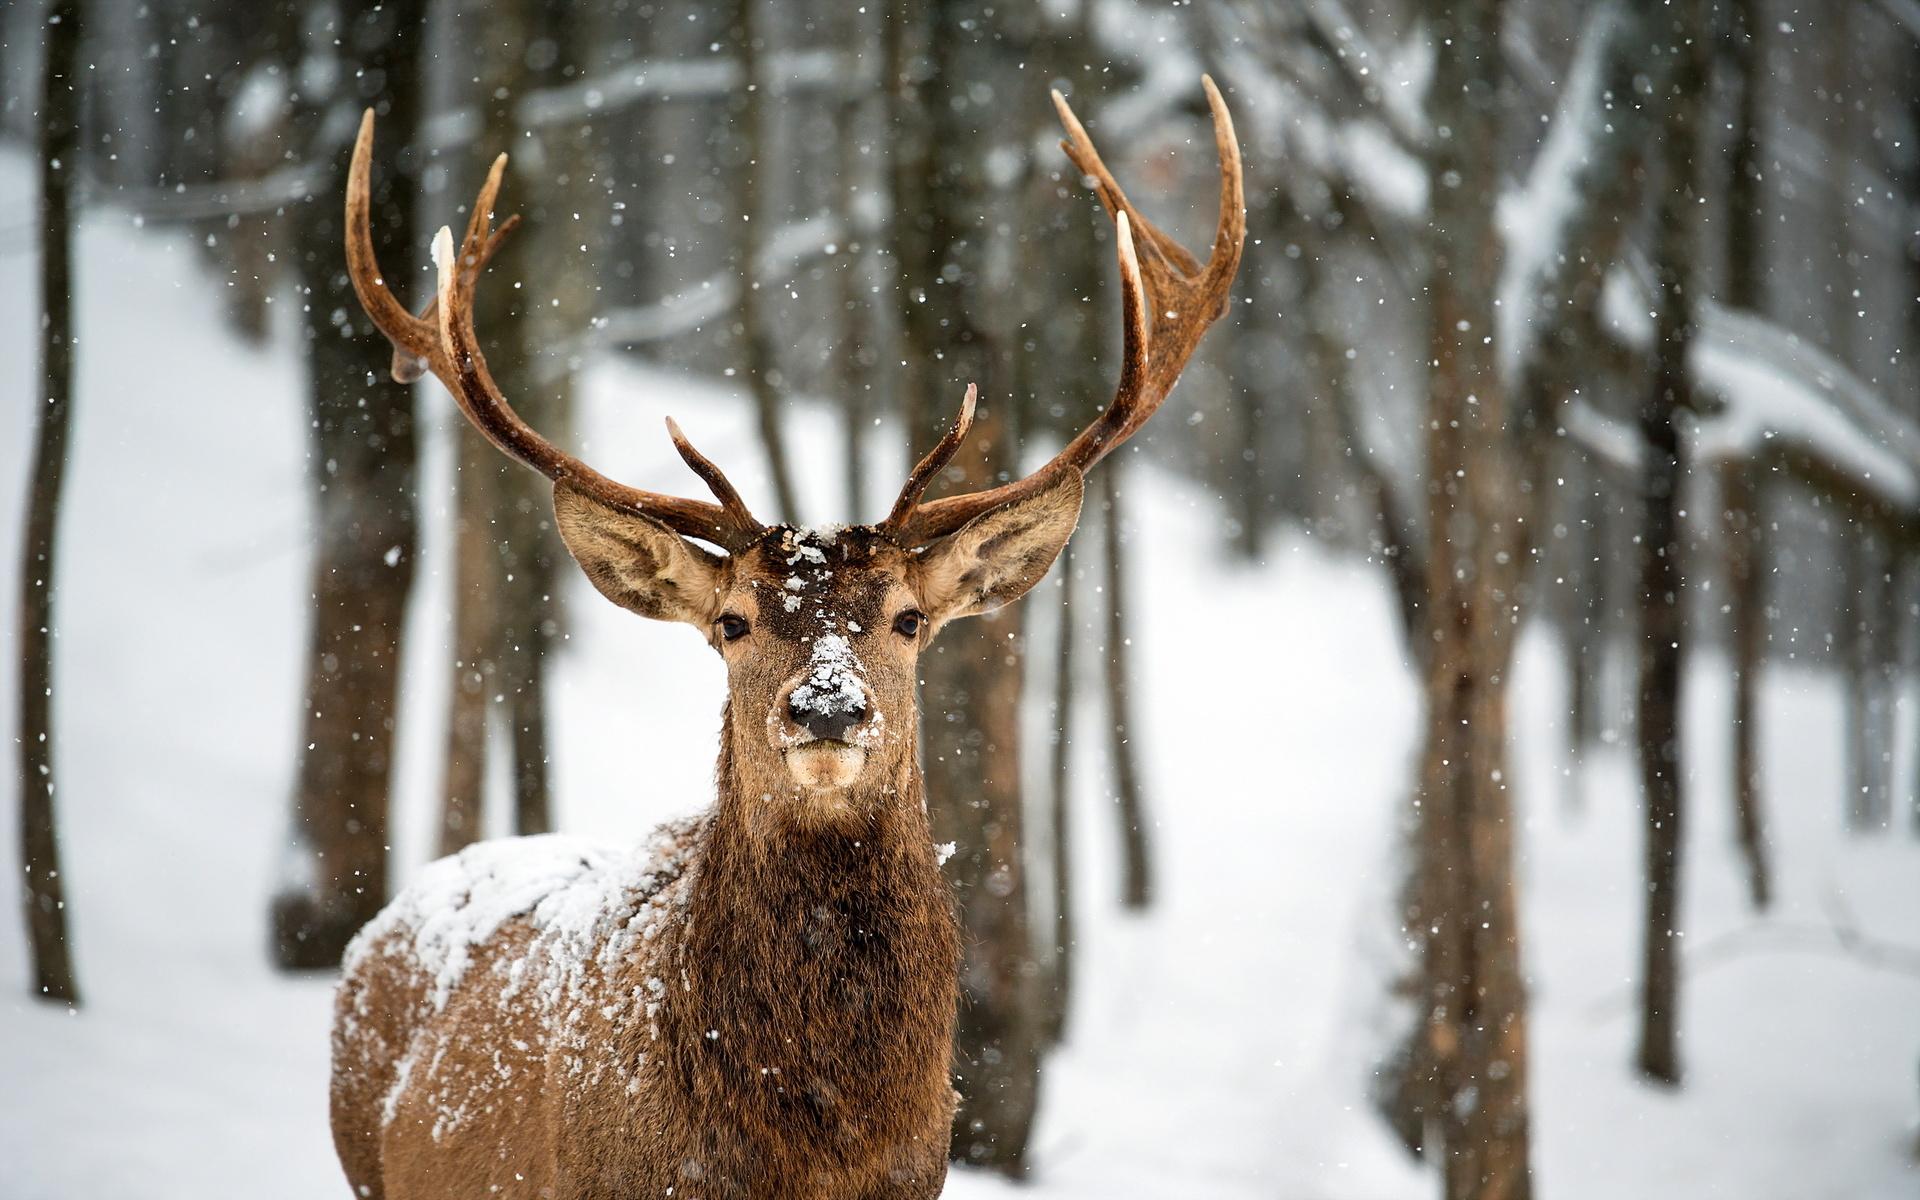 Deer Nature Wallpaper Deer Landscapes Nature Trees